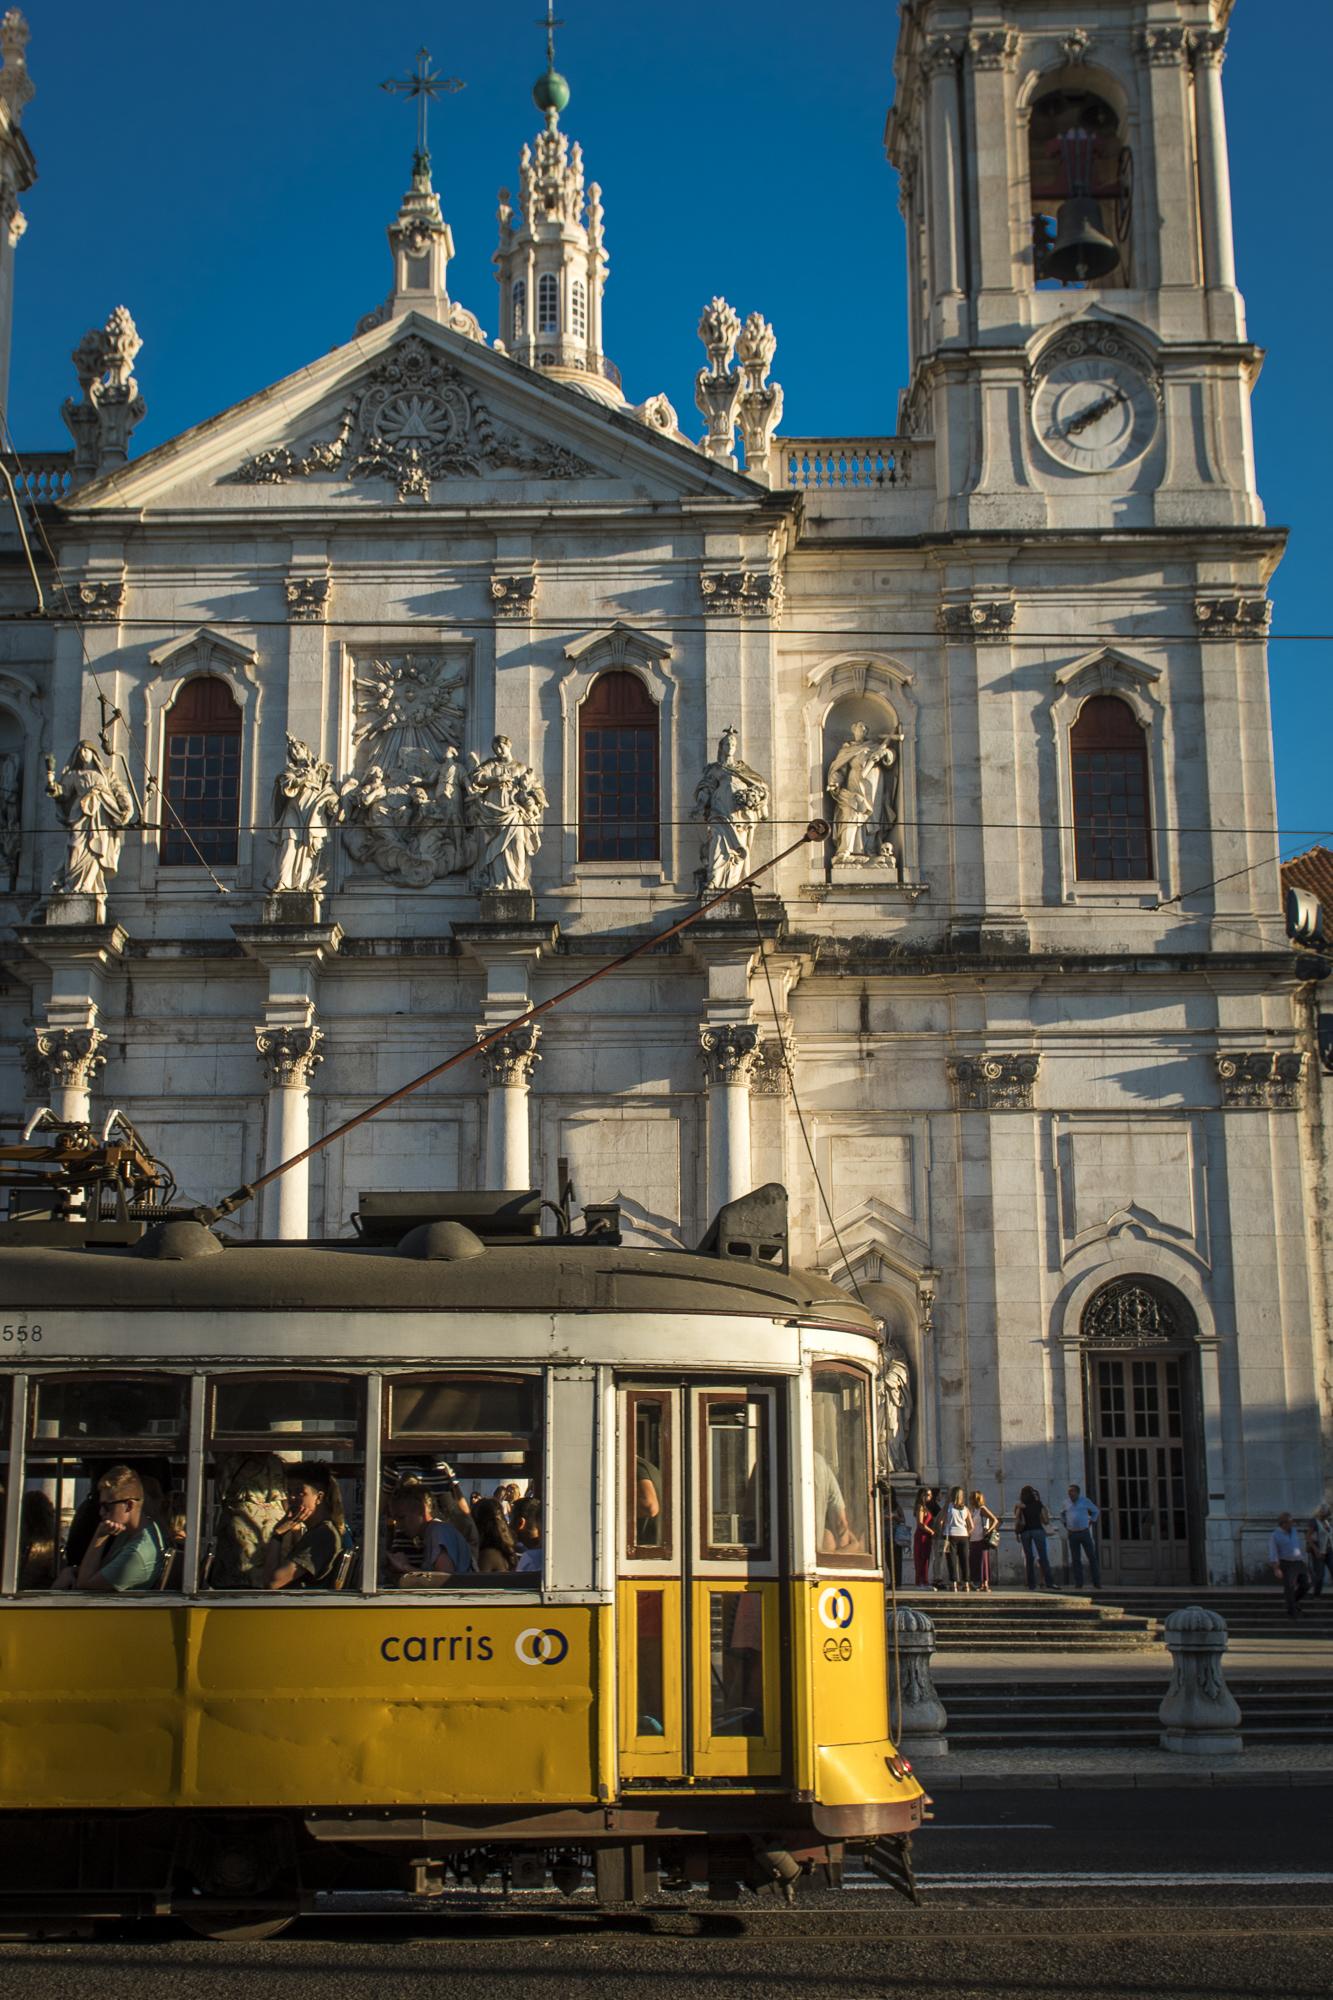 Basílica da Estrela  PHOTOGRAPHY: ALEXANDER J.E. BRADLEY •NIKON D500 • AF-S NIKKOR 24-70mm f/2.8G ED • 24mm • F/5.6 •1/500 •ISO 100